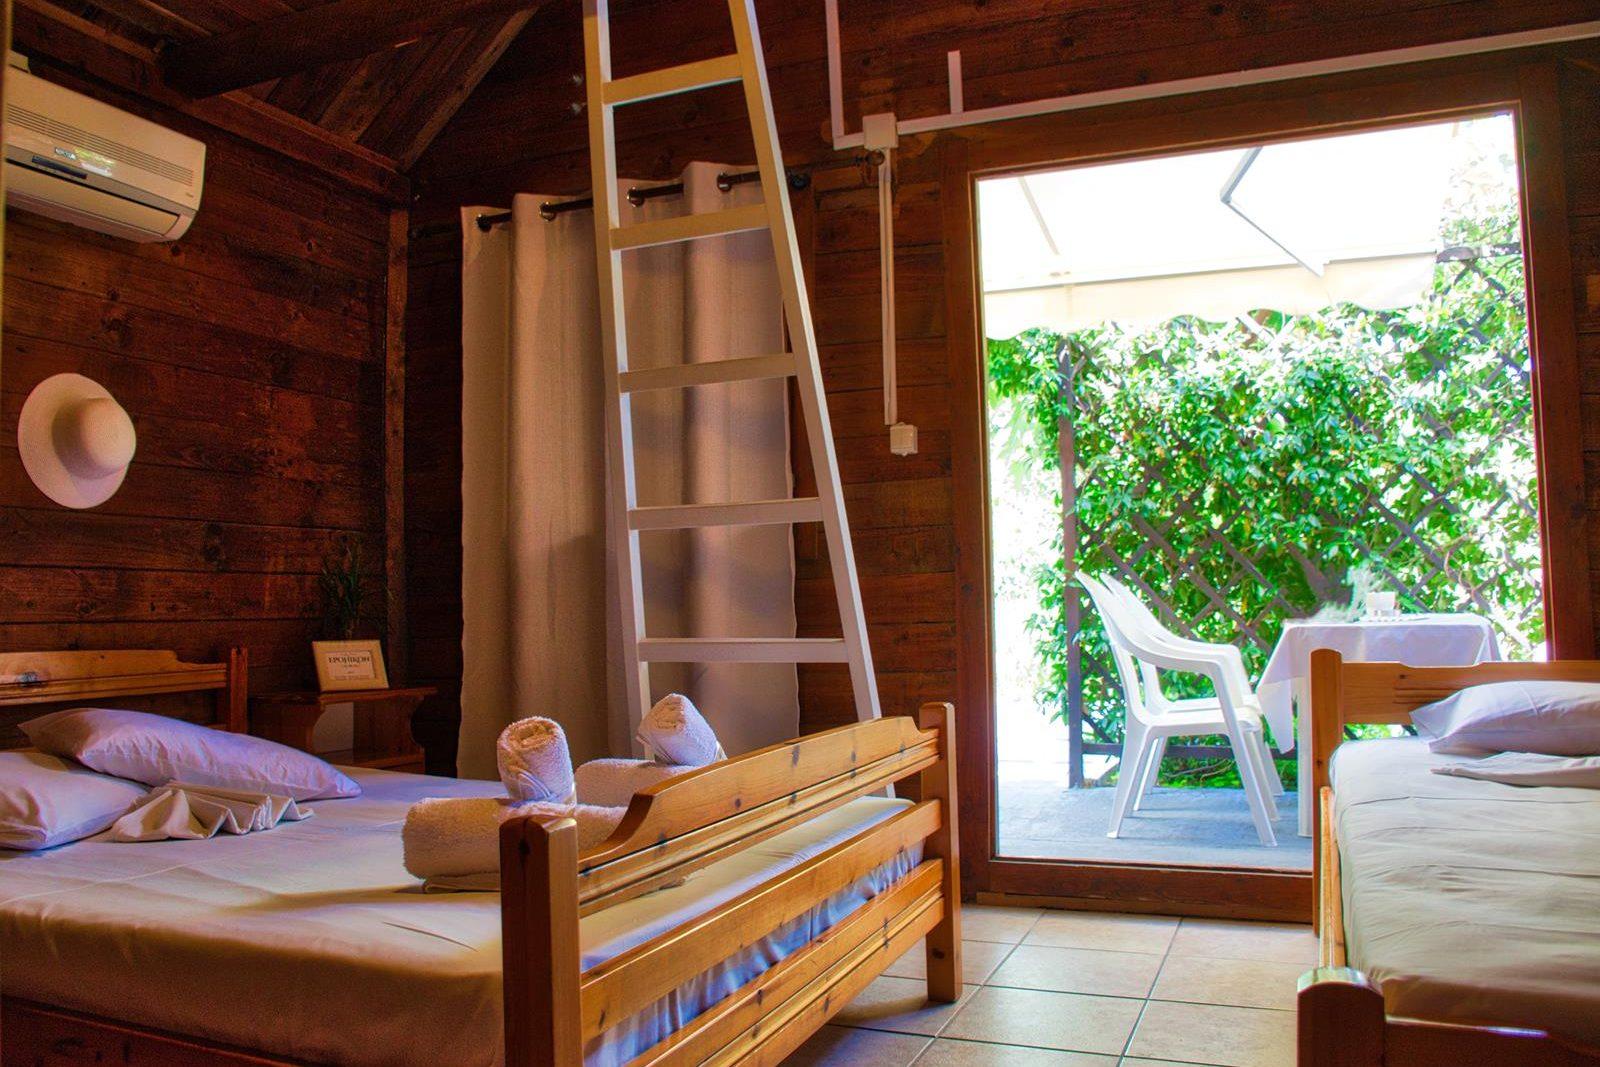 sarti greece apartments - Epohikon Studios